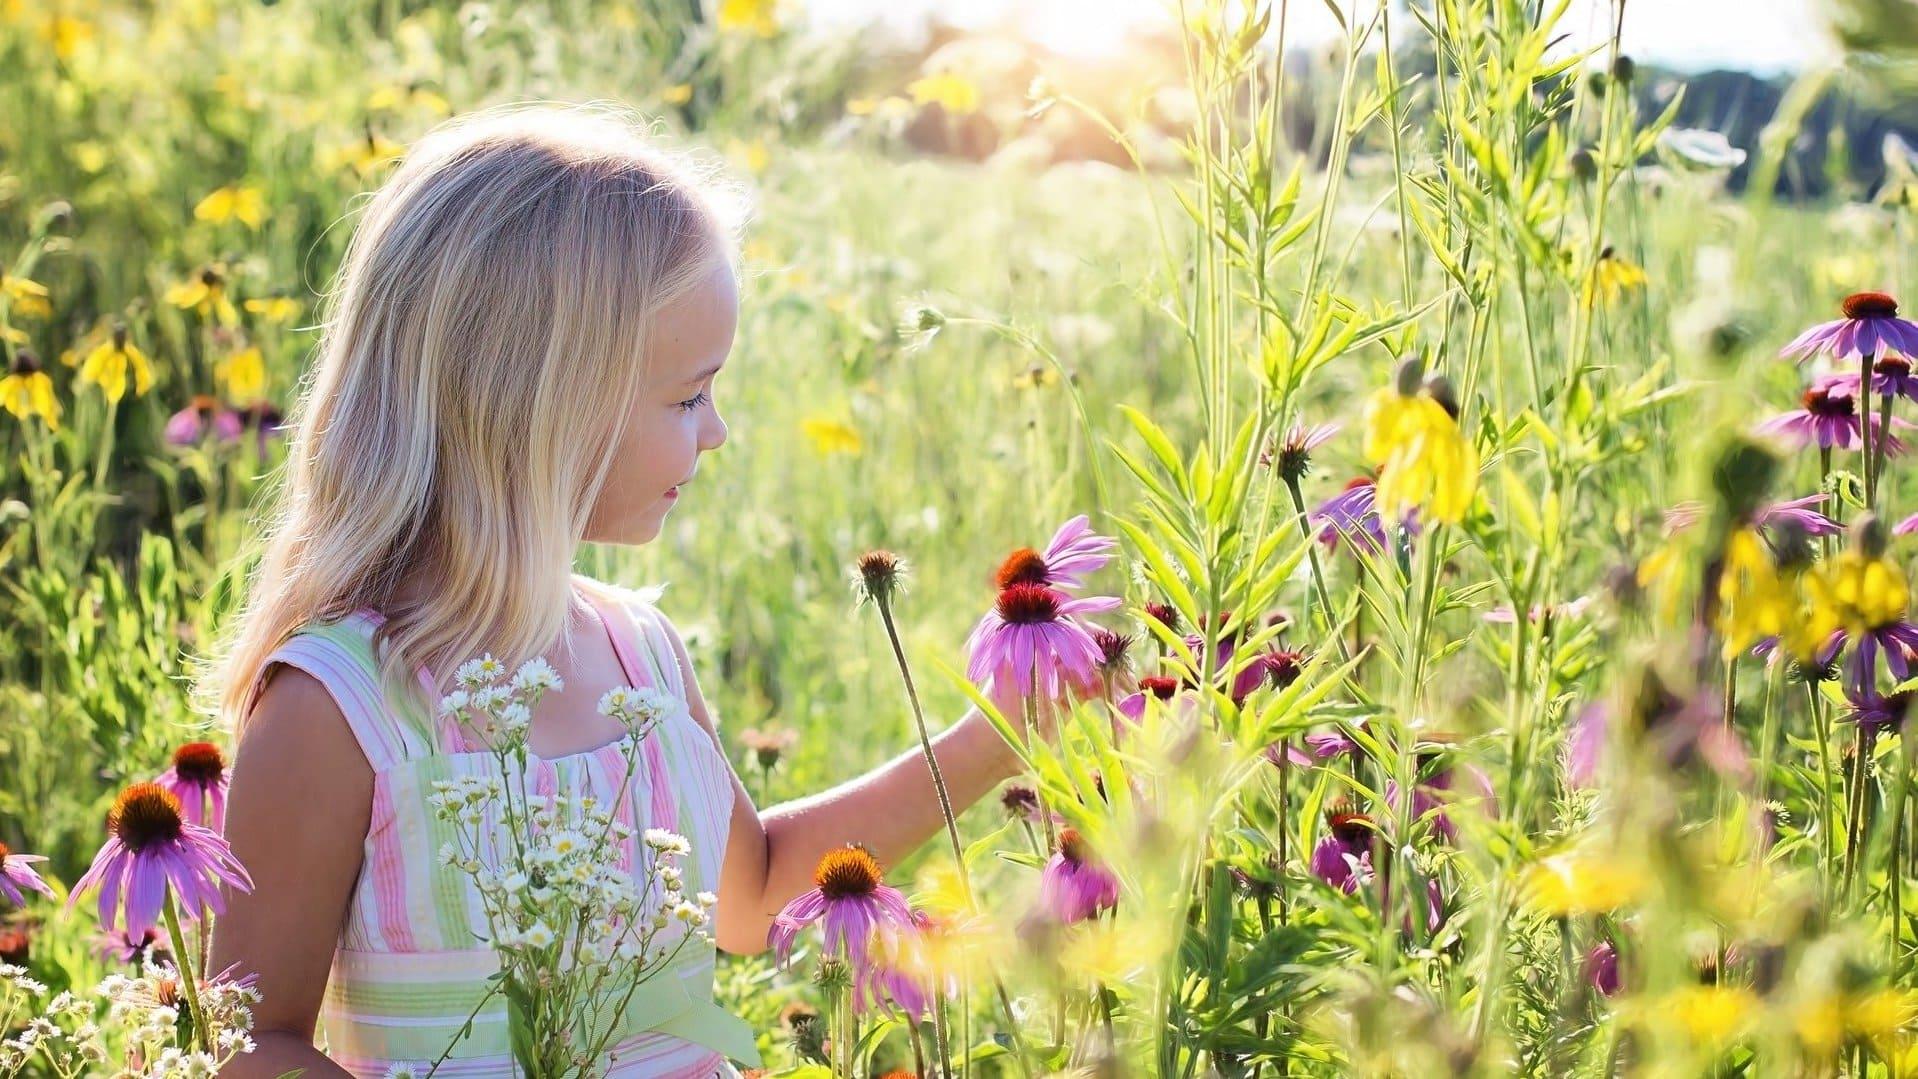 Magst du Blumen? Wir mögen die Wilde Pracht